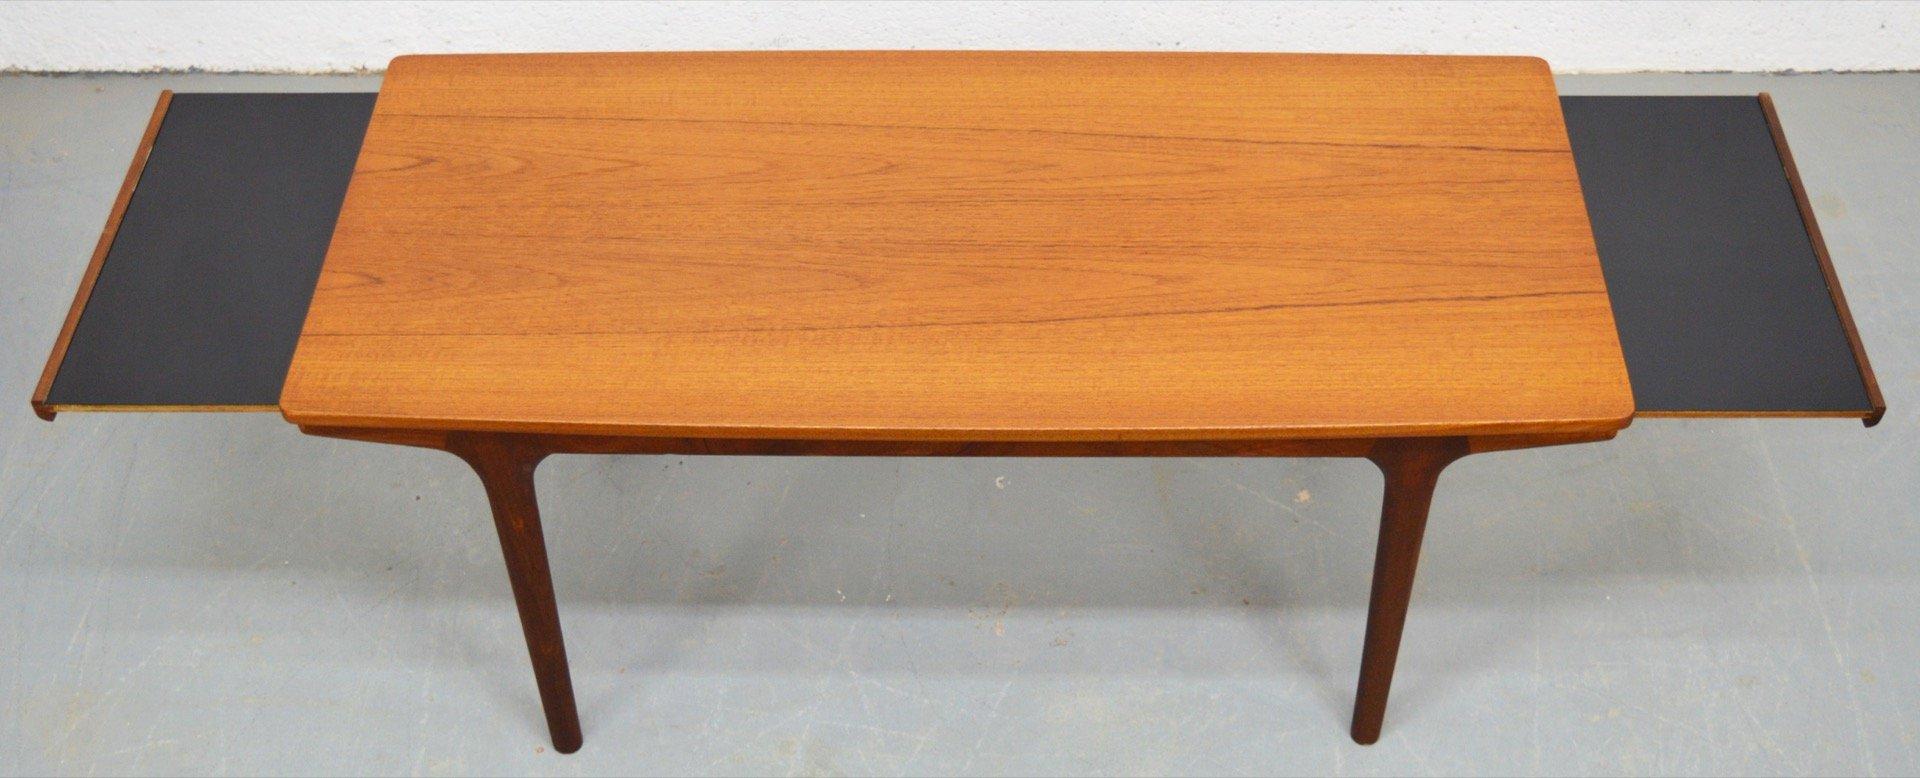 Table basse mid century extensible en teck et m lamine par for Table extensible en solde